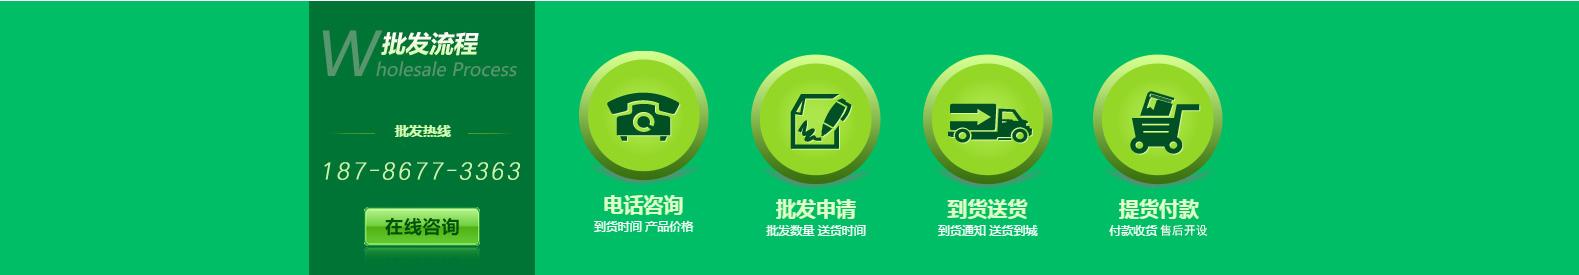 贵州环保烧烤车